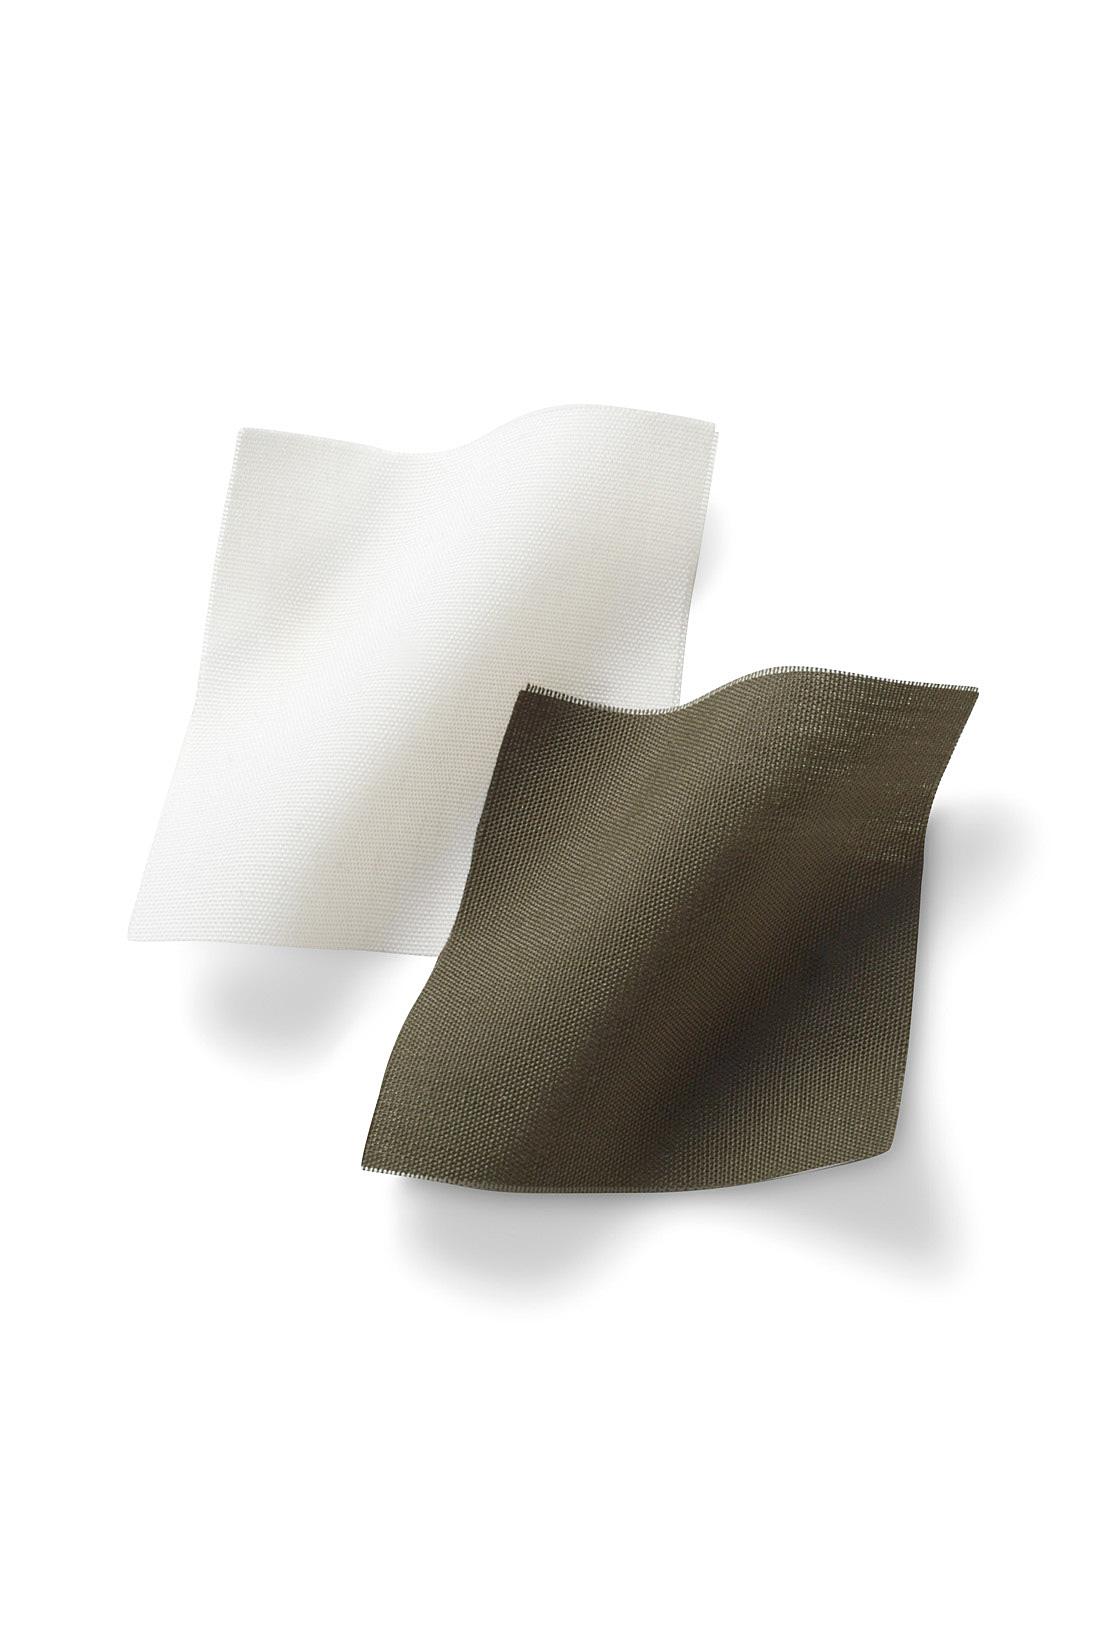 適度な張りのあるコットンライク 素材からだのラインを拾いにくいコットンライクな布はく素材がふんわりシルエットを演出。